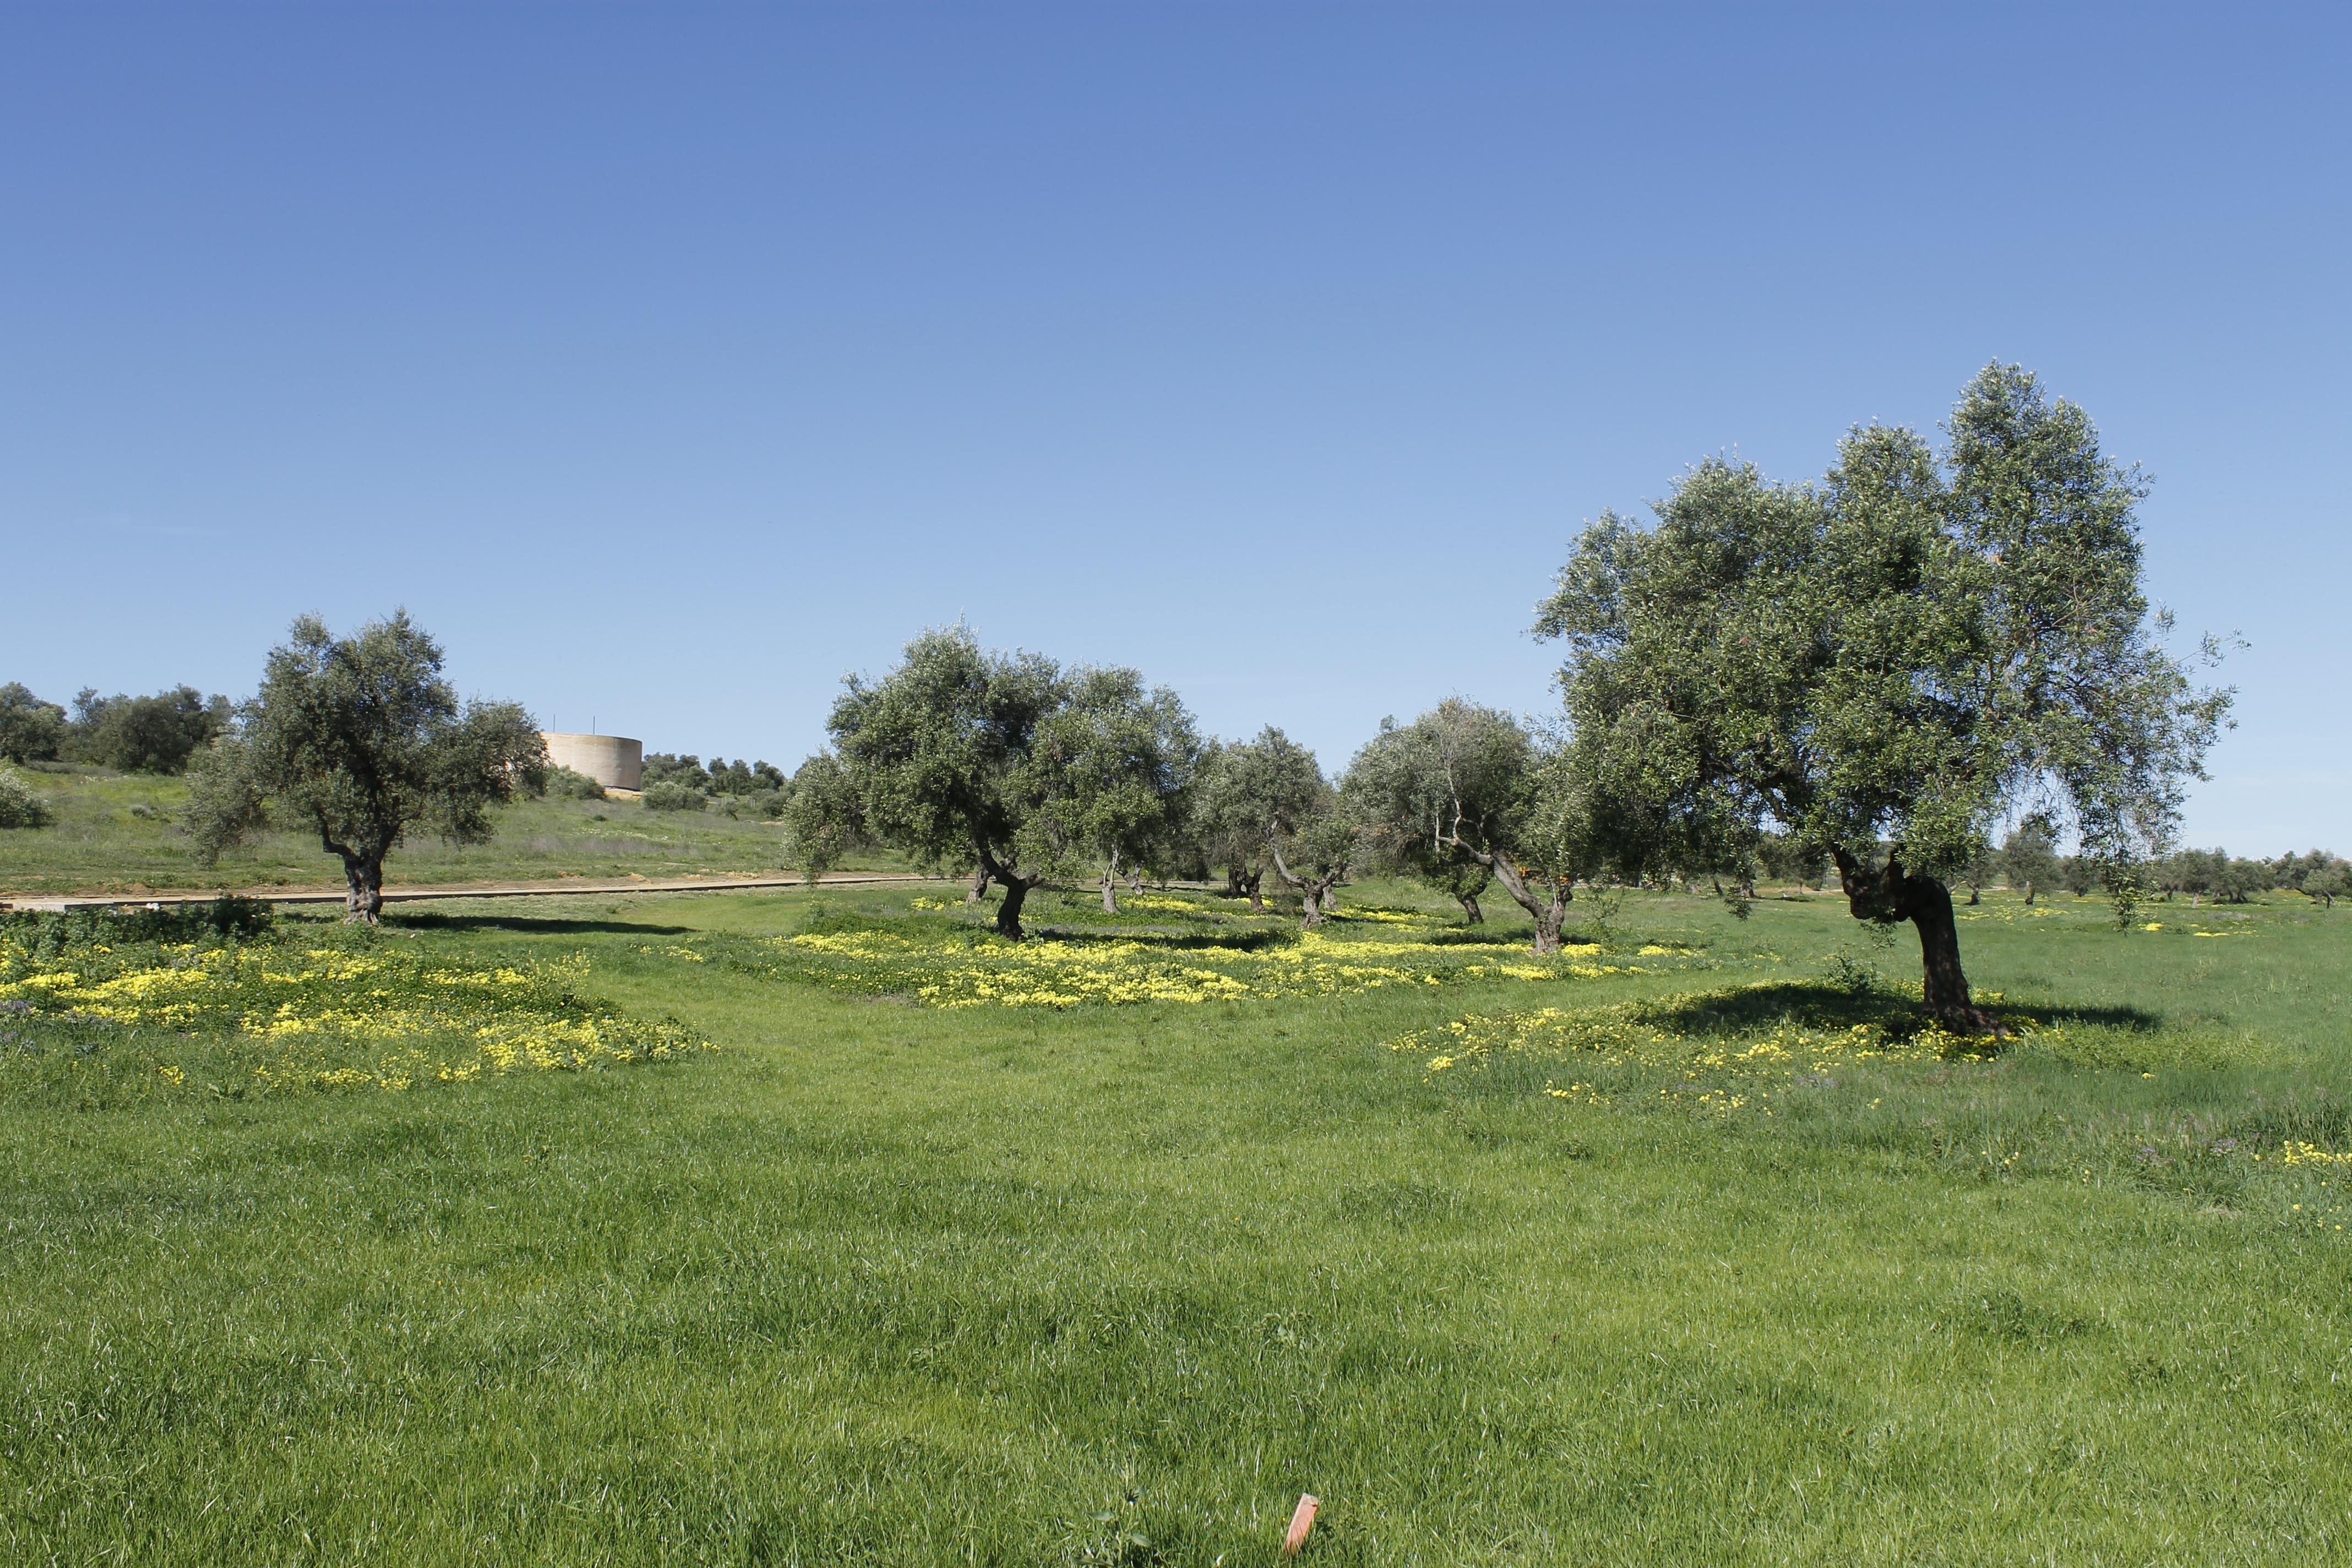 El lunes, 1 de agosto, se reanudan las obras del Parque del Olivar ...